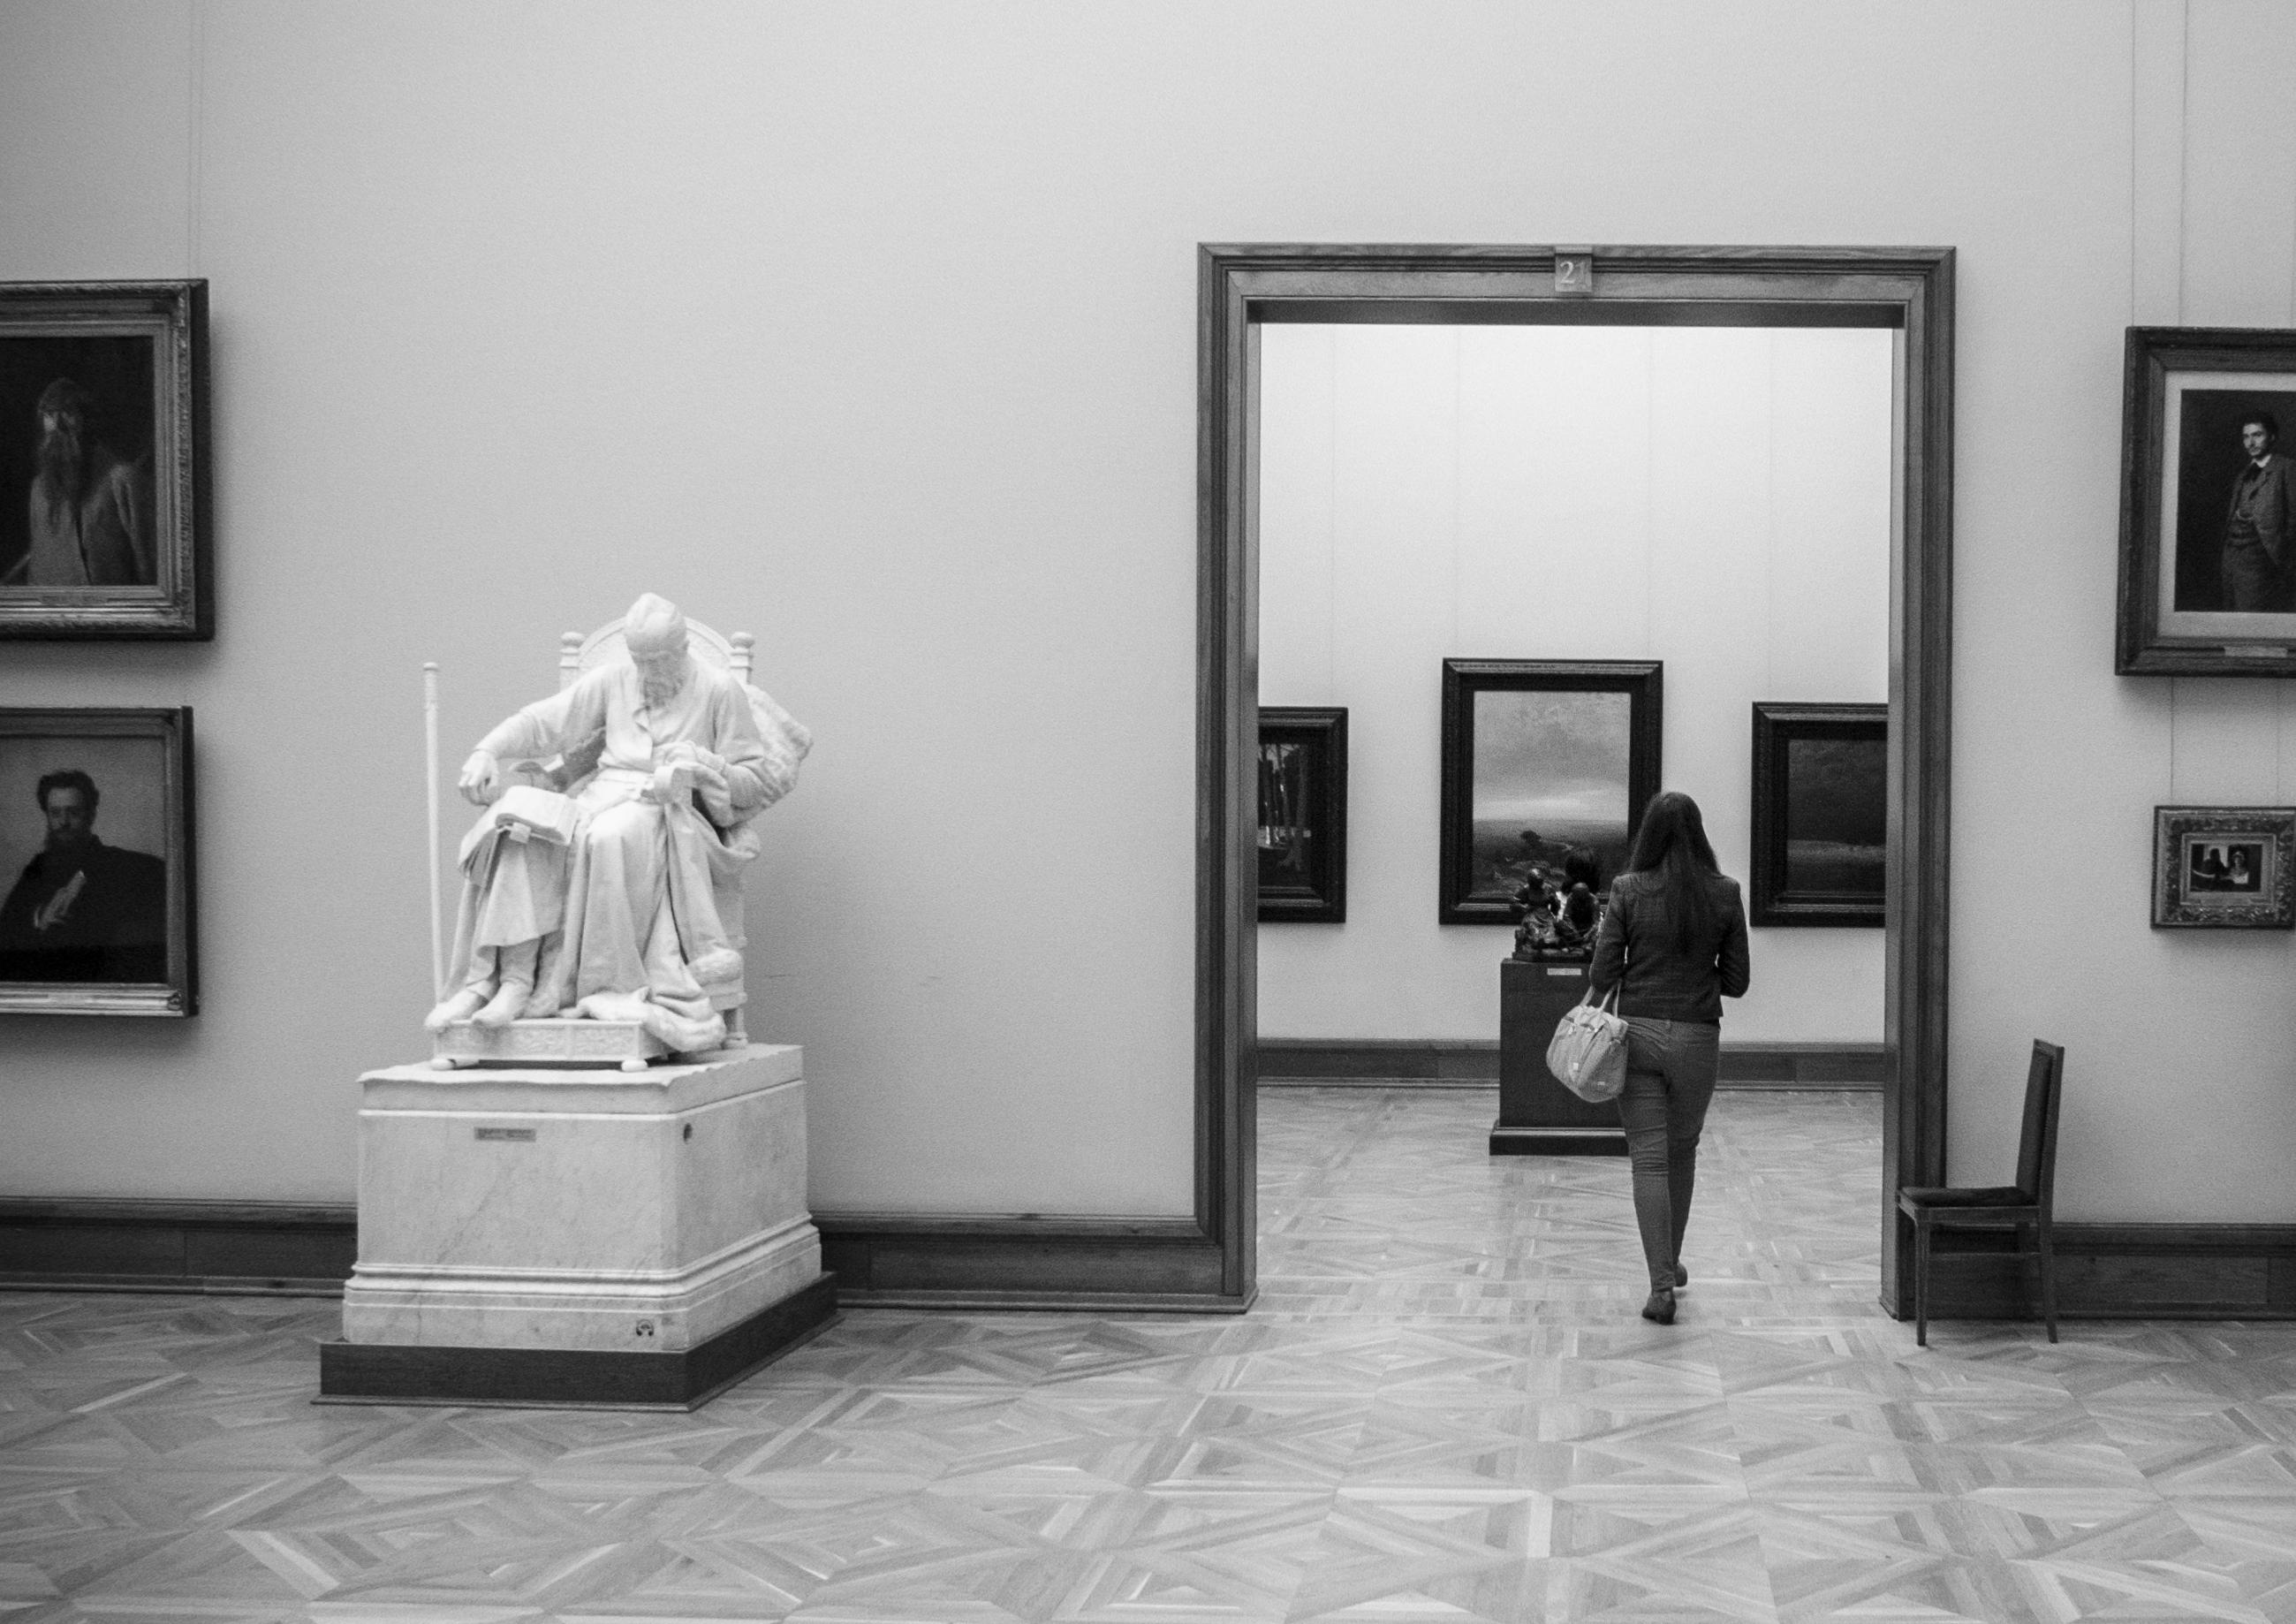 Fondos de pantalla monocromo escultura estatua museo for Disenos de interiores en blanco y negro